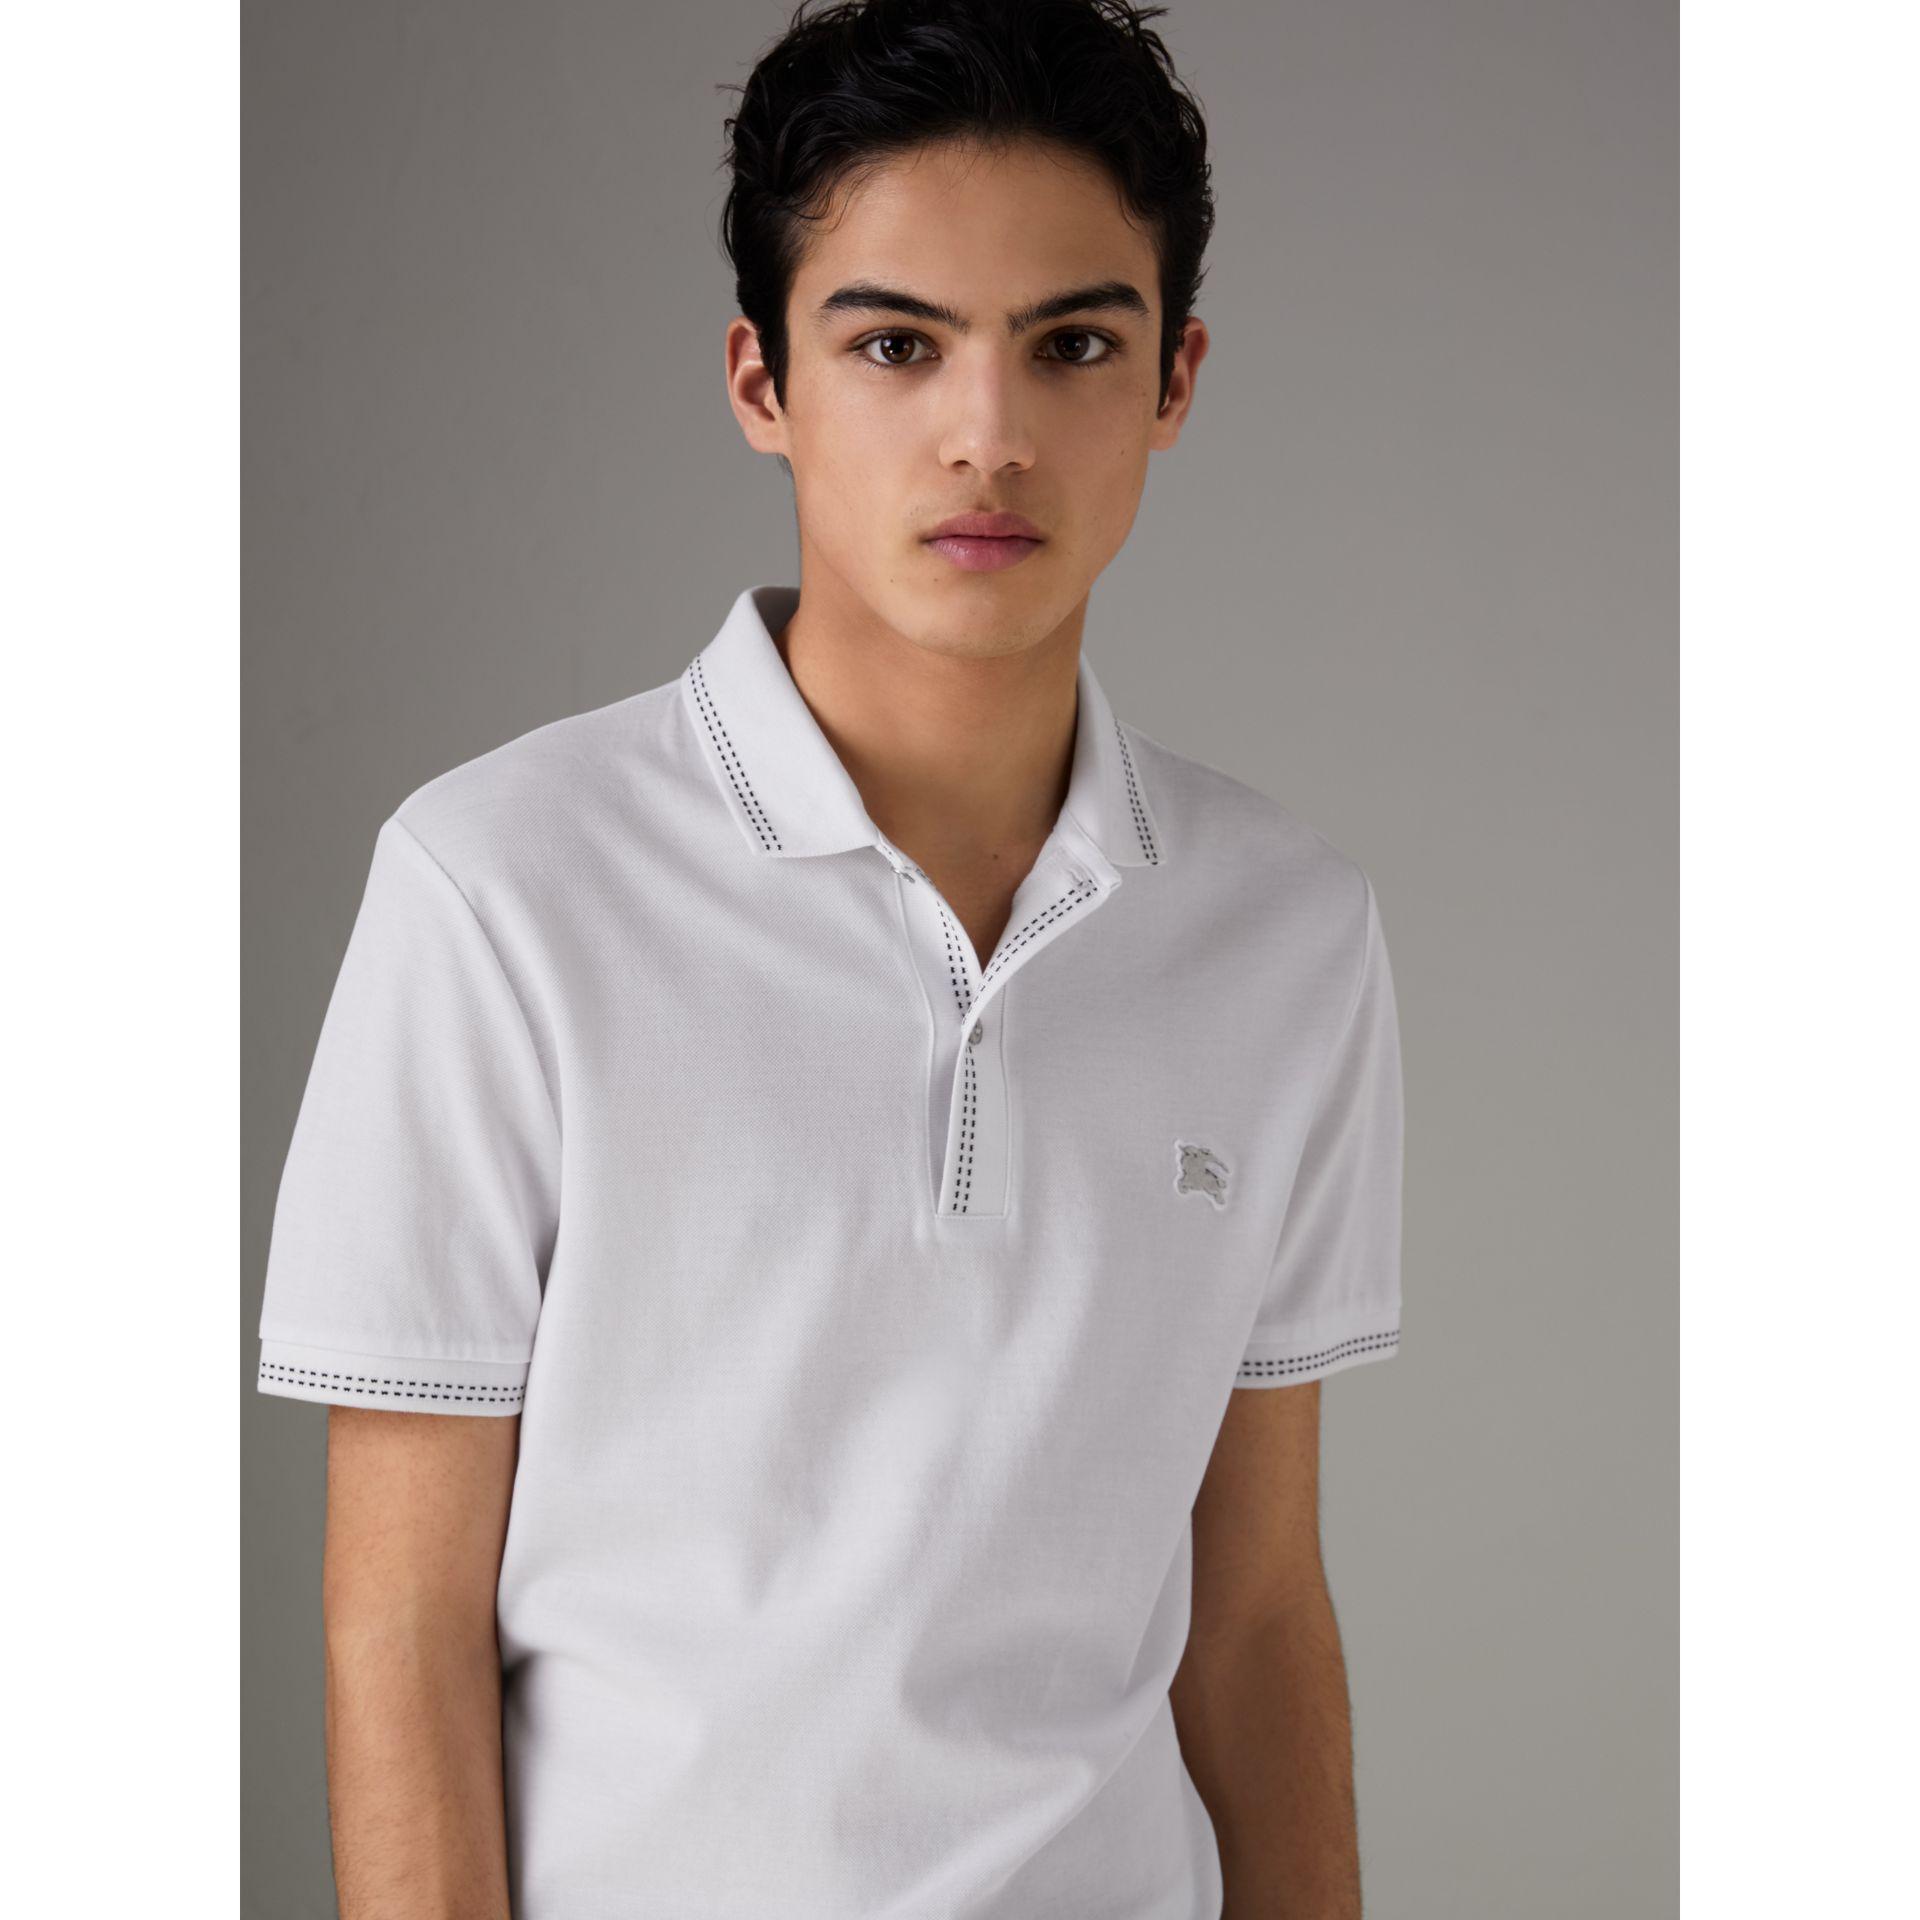 Burberry Cotton PiquÉ Polo Shirt In White